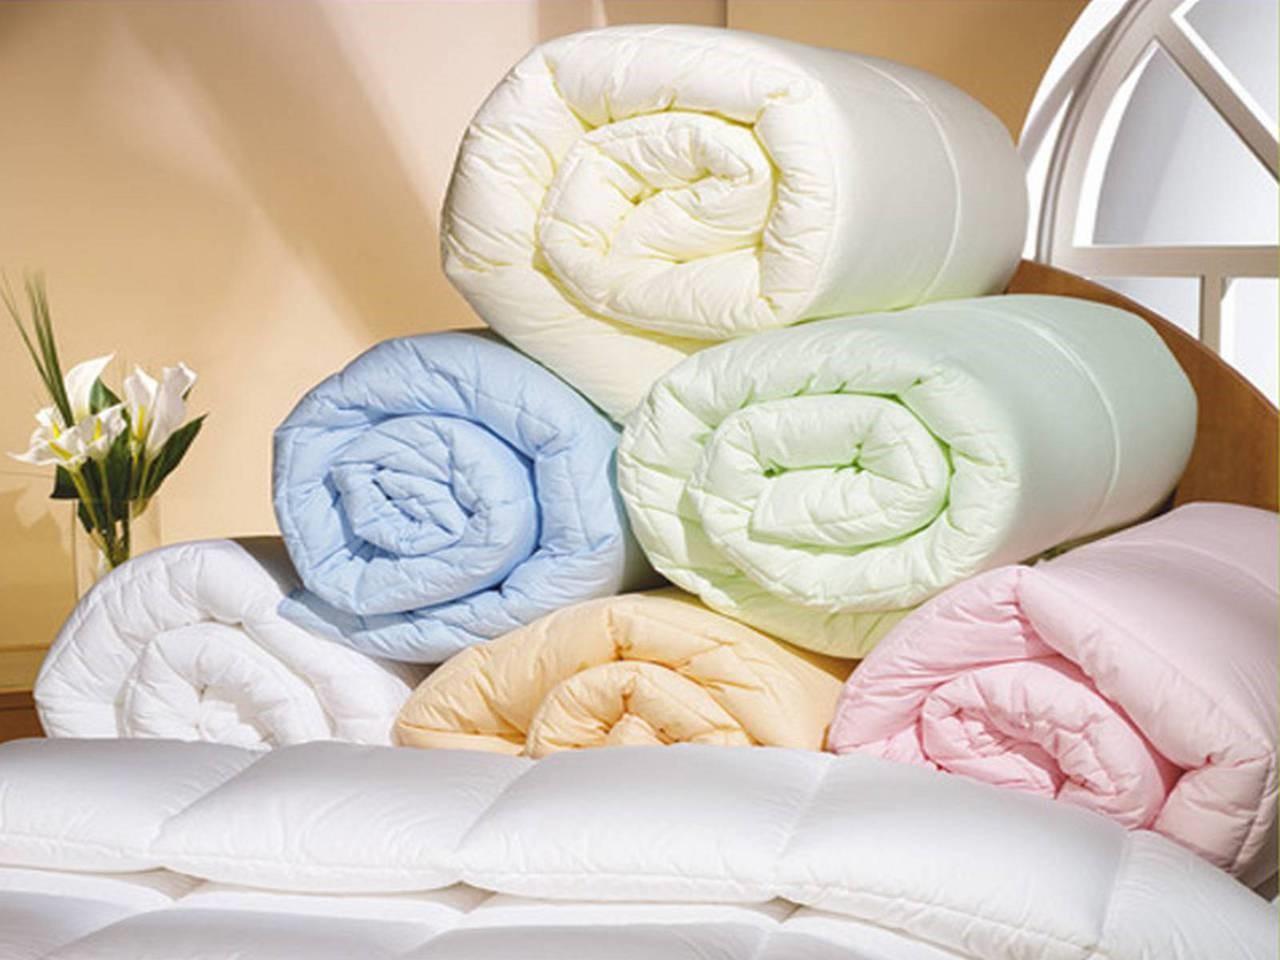 Какое одеяло лучше выбрать, с каким наполнителем?